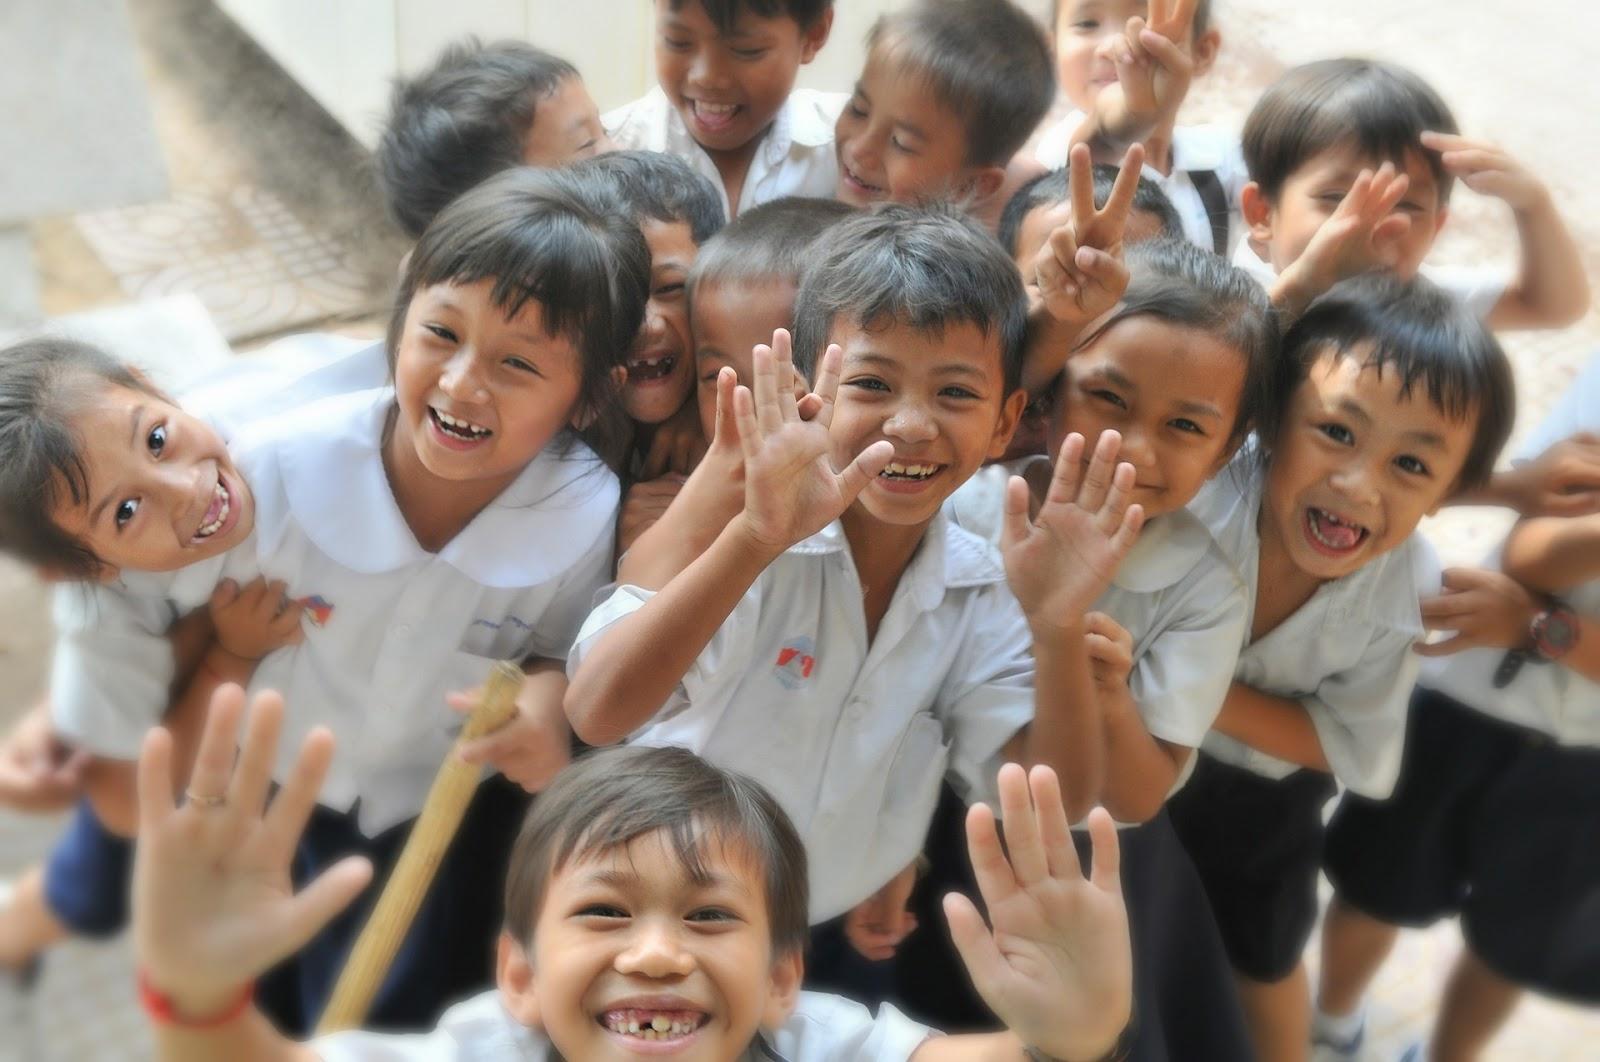 Kesalahan Dalam Memperbaiki Kualitas Pendidikan Indonesia